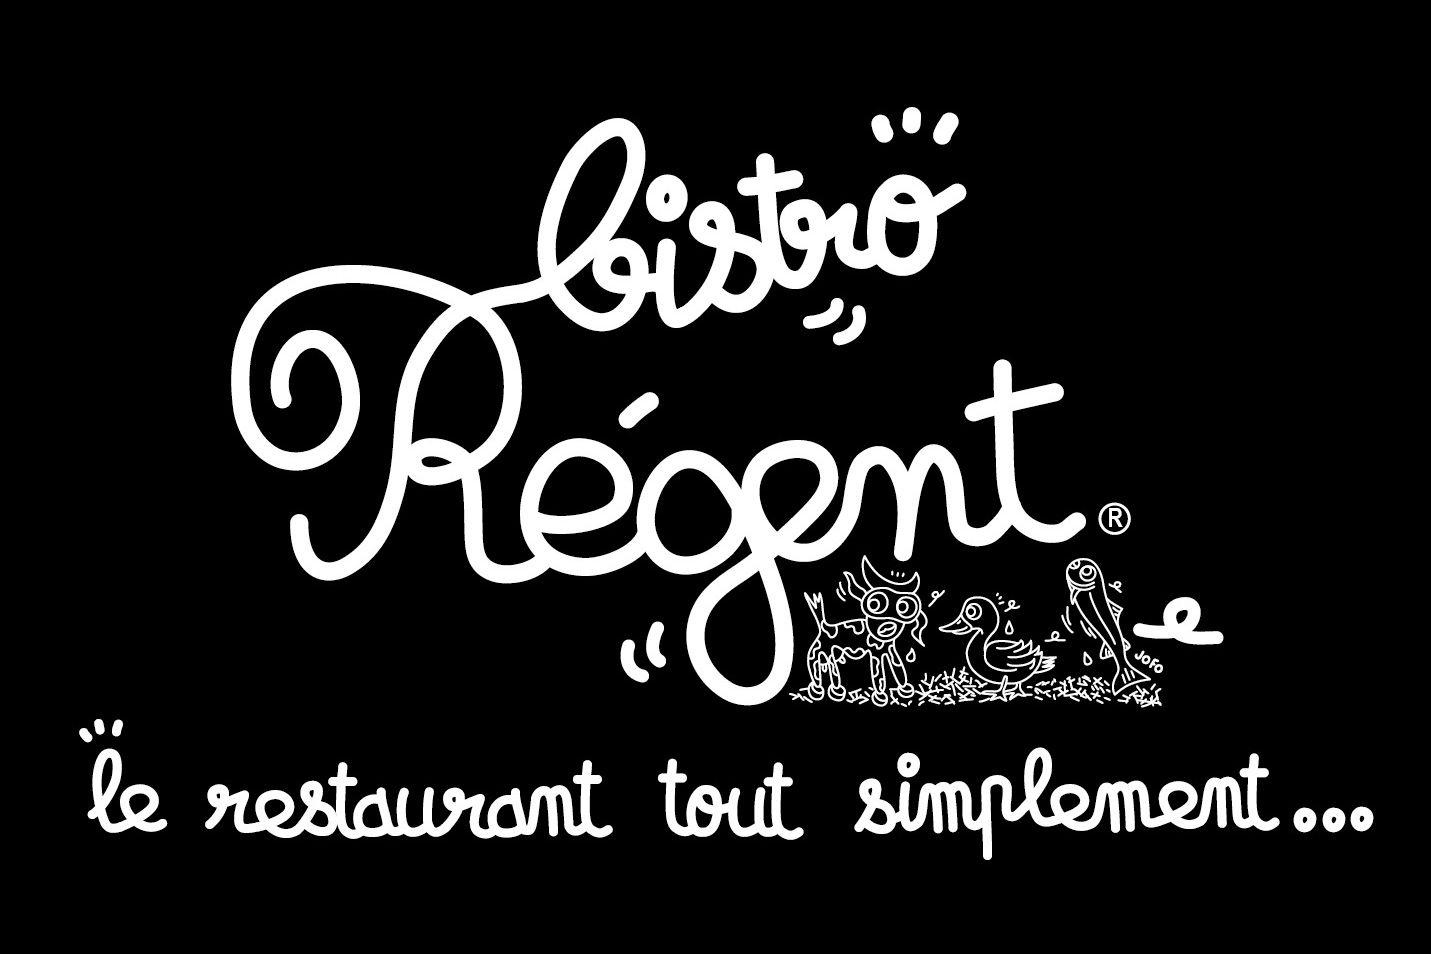 Franchise_bistro_regent_logo_05_2012